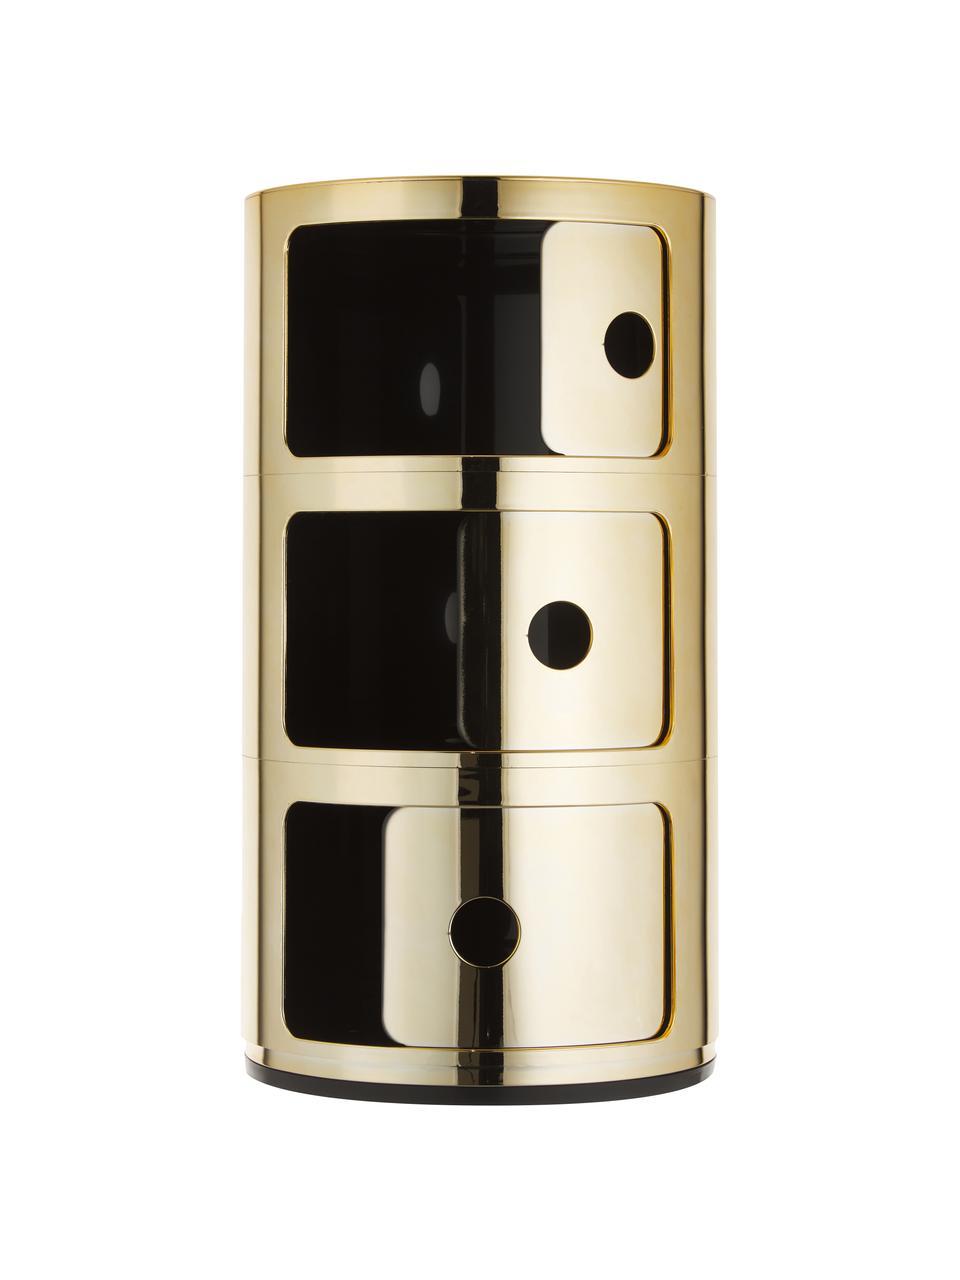 Table d'appoint design 3 compartiments Componibili, Couleur dorée